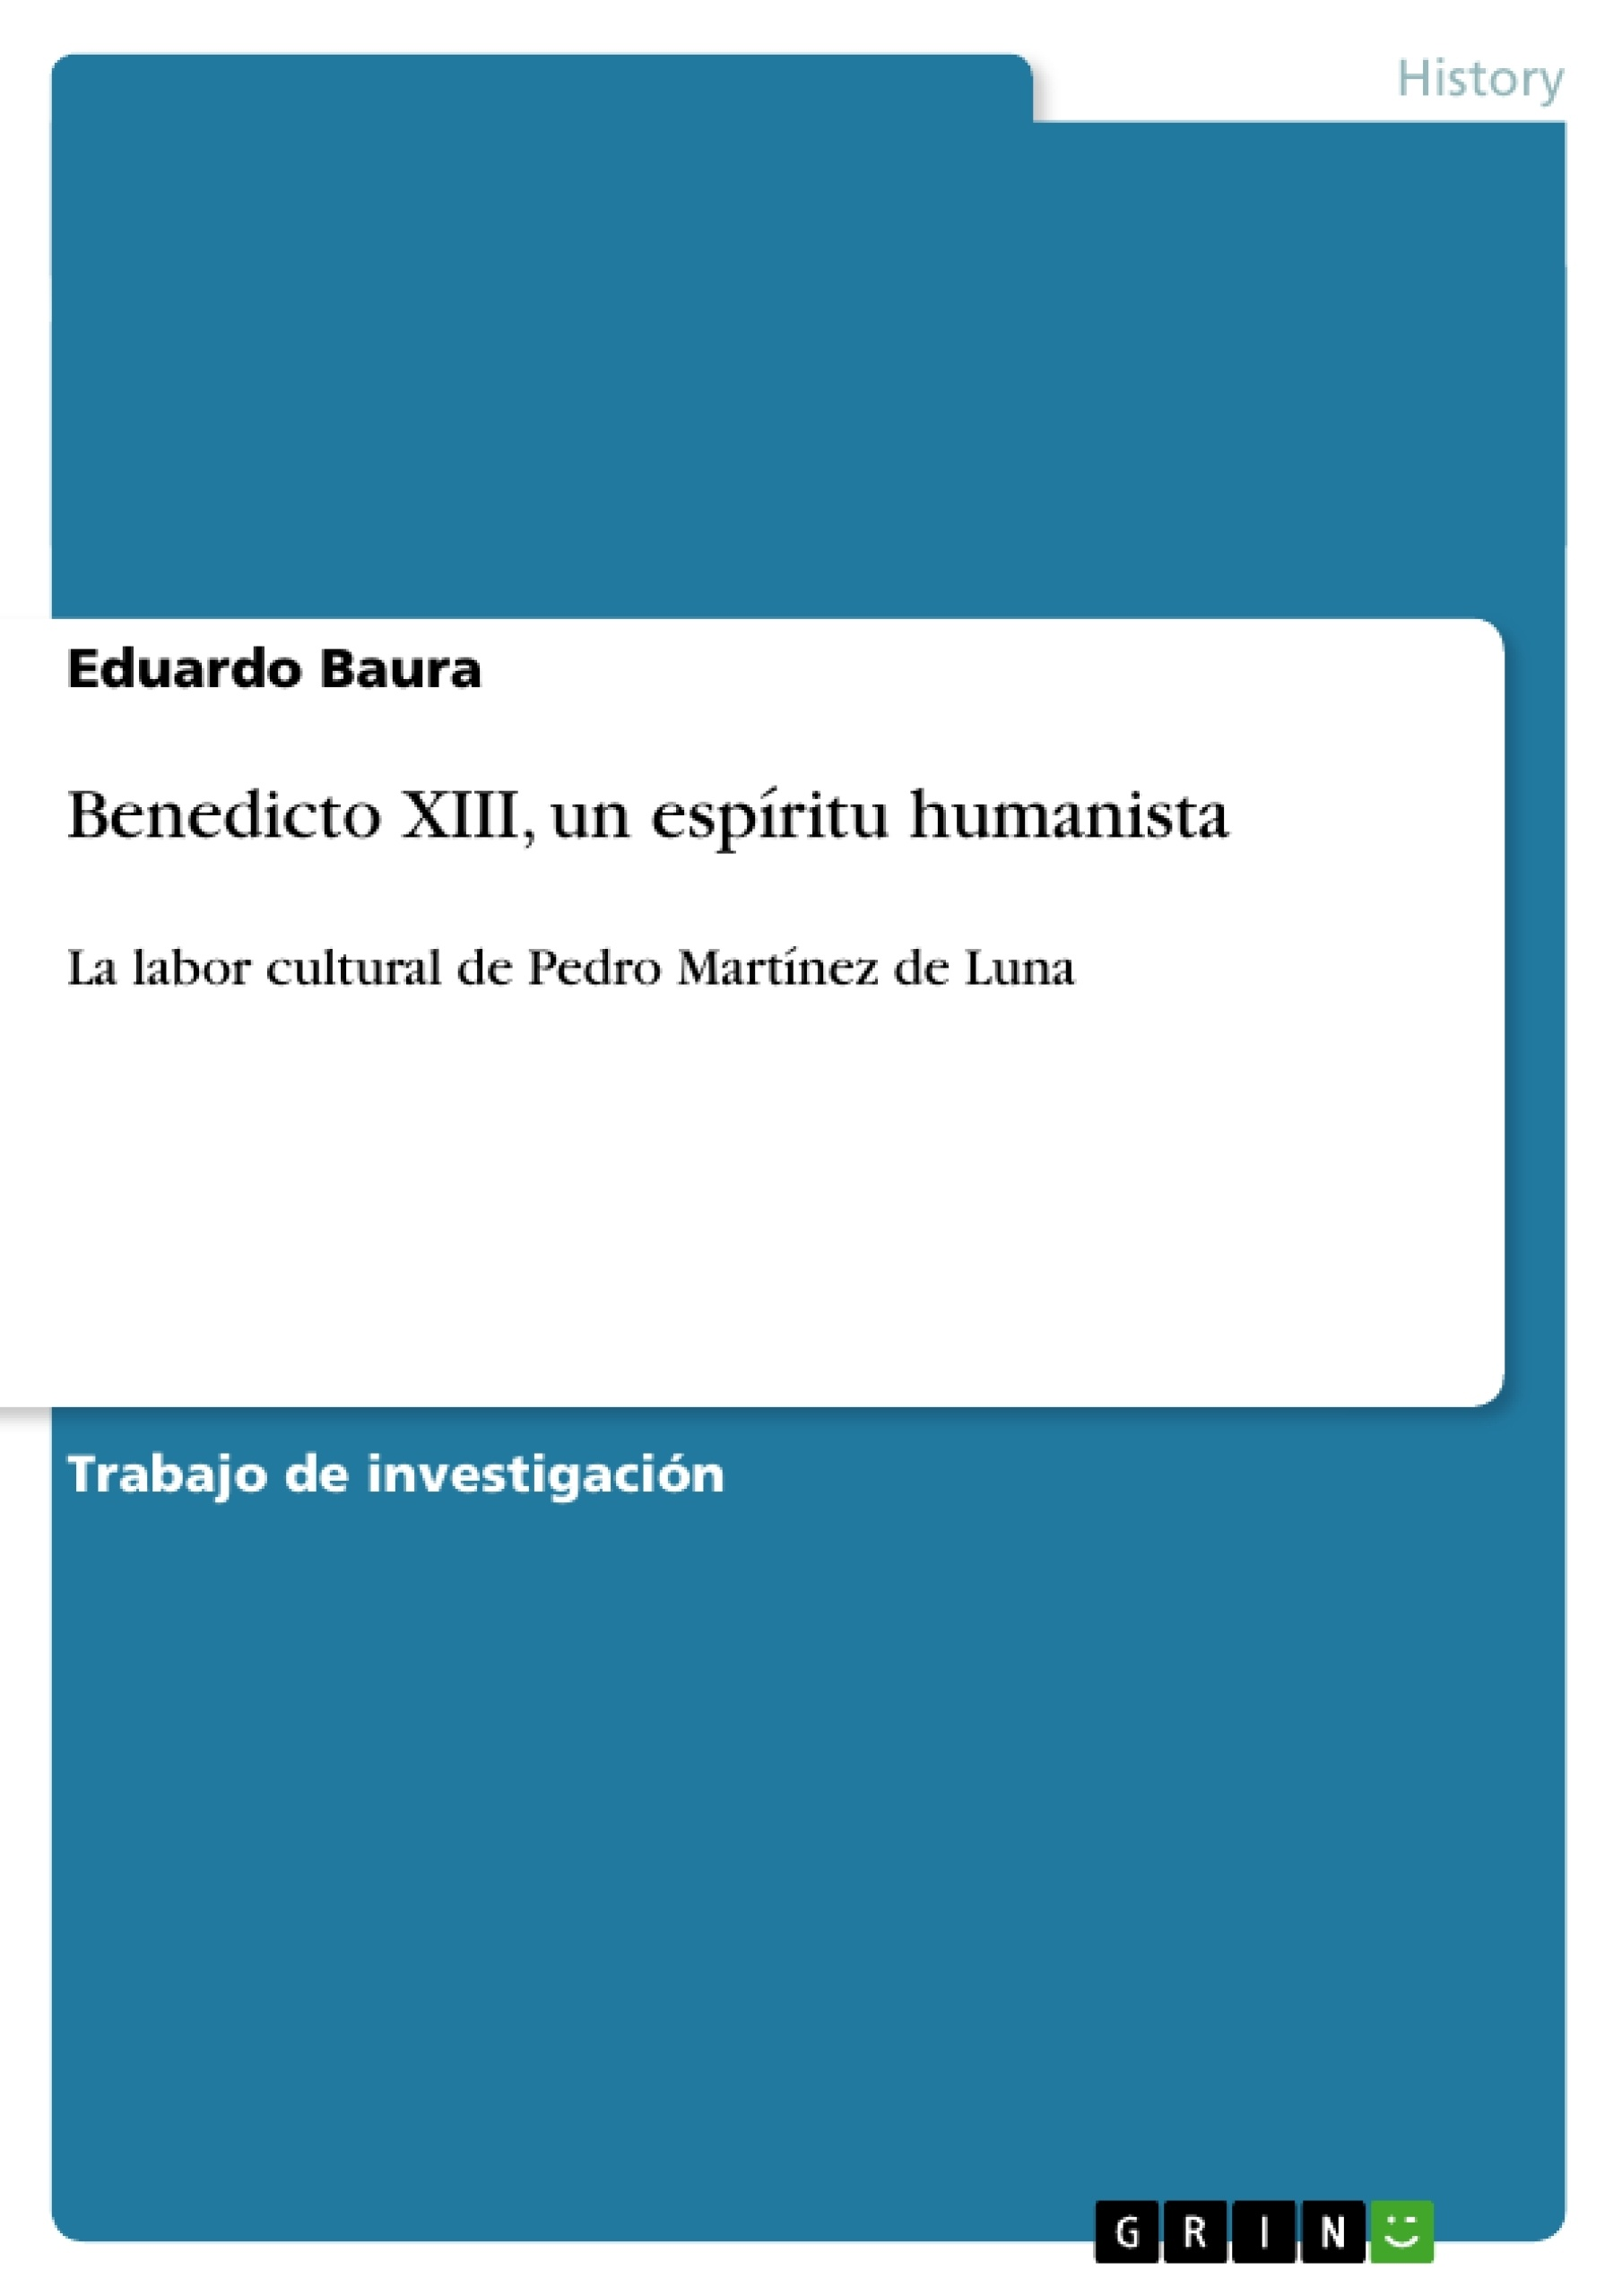 Título: Benedicto XIII, un espíritu humanista